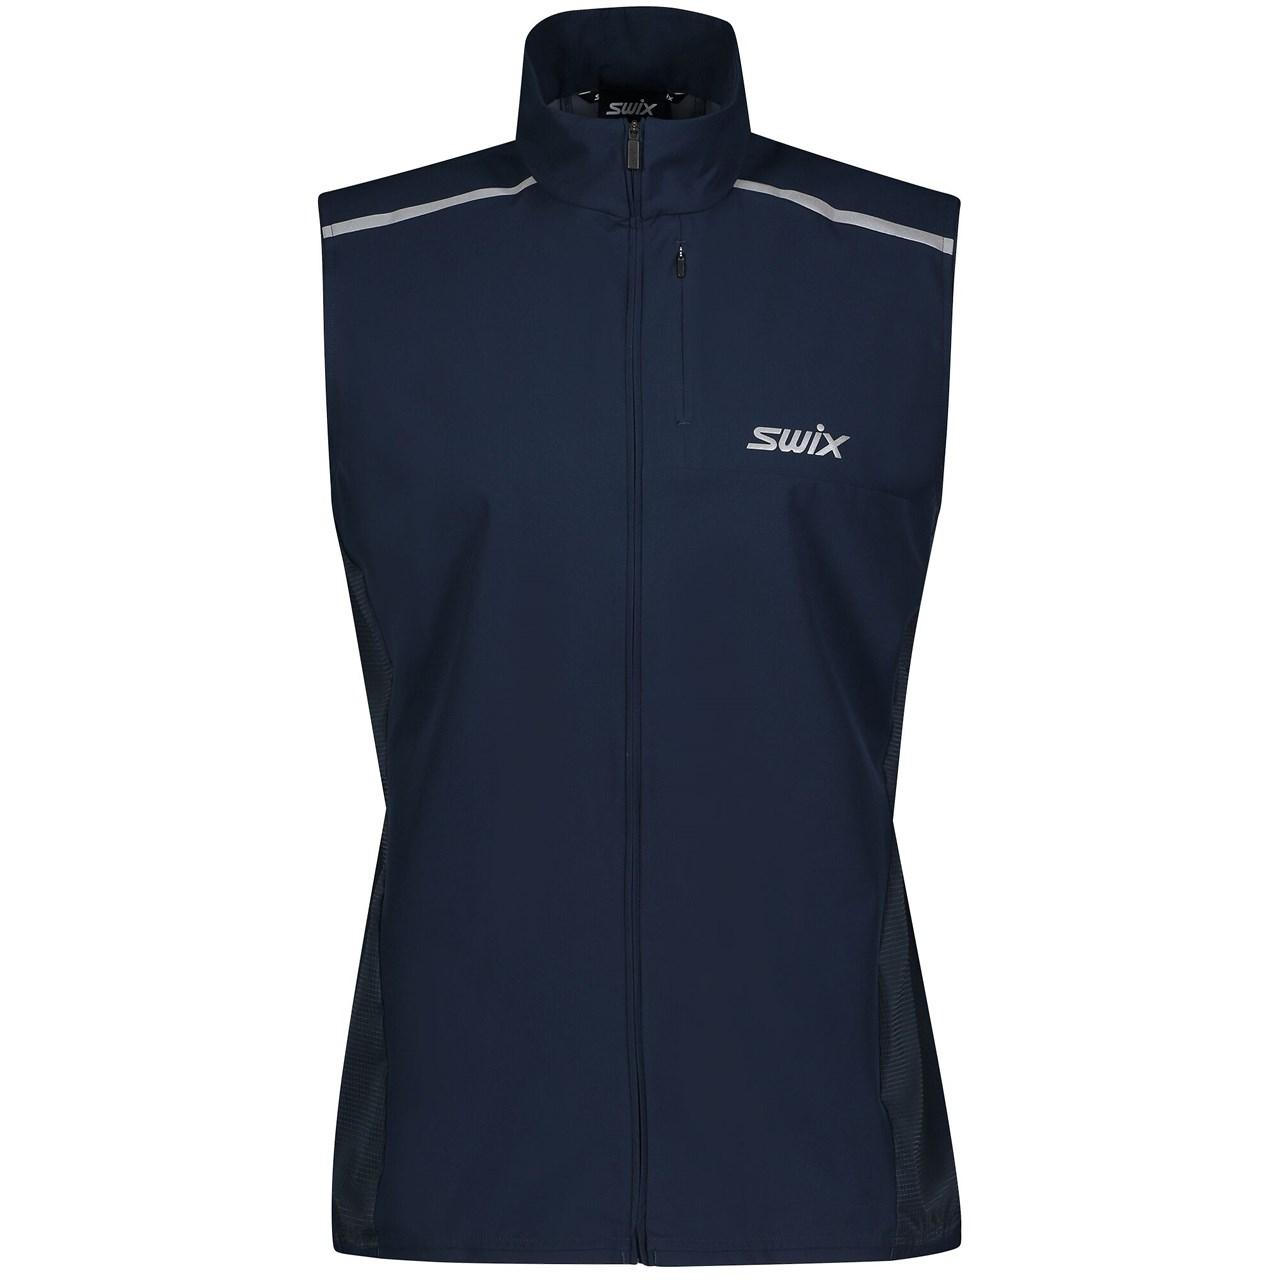 Swix  Motion Premium vest M